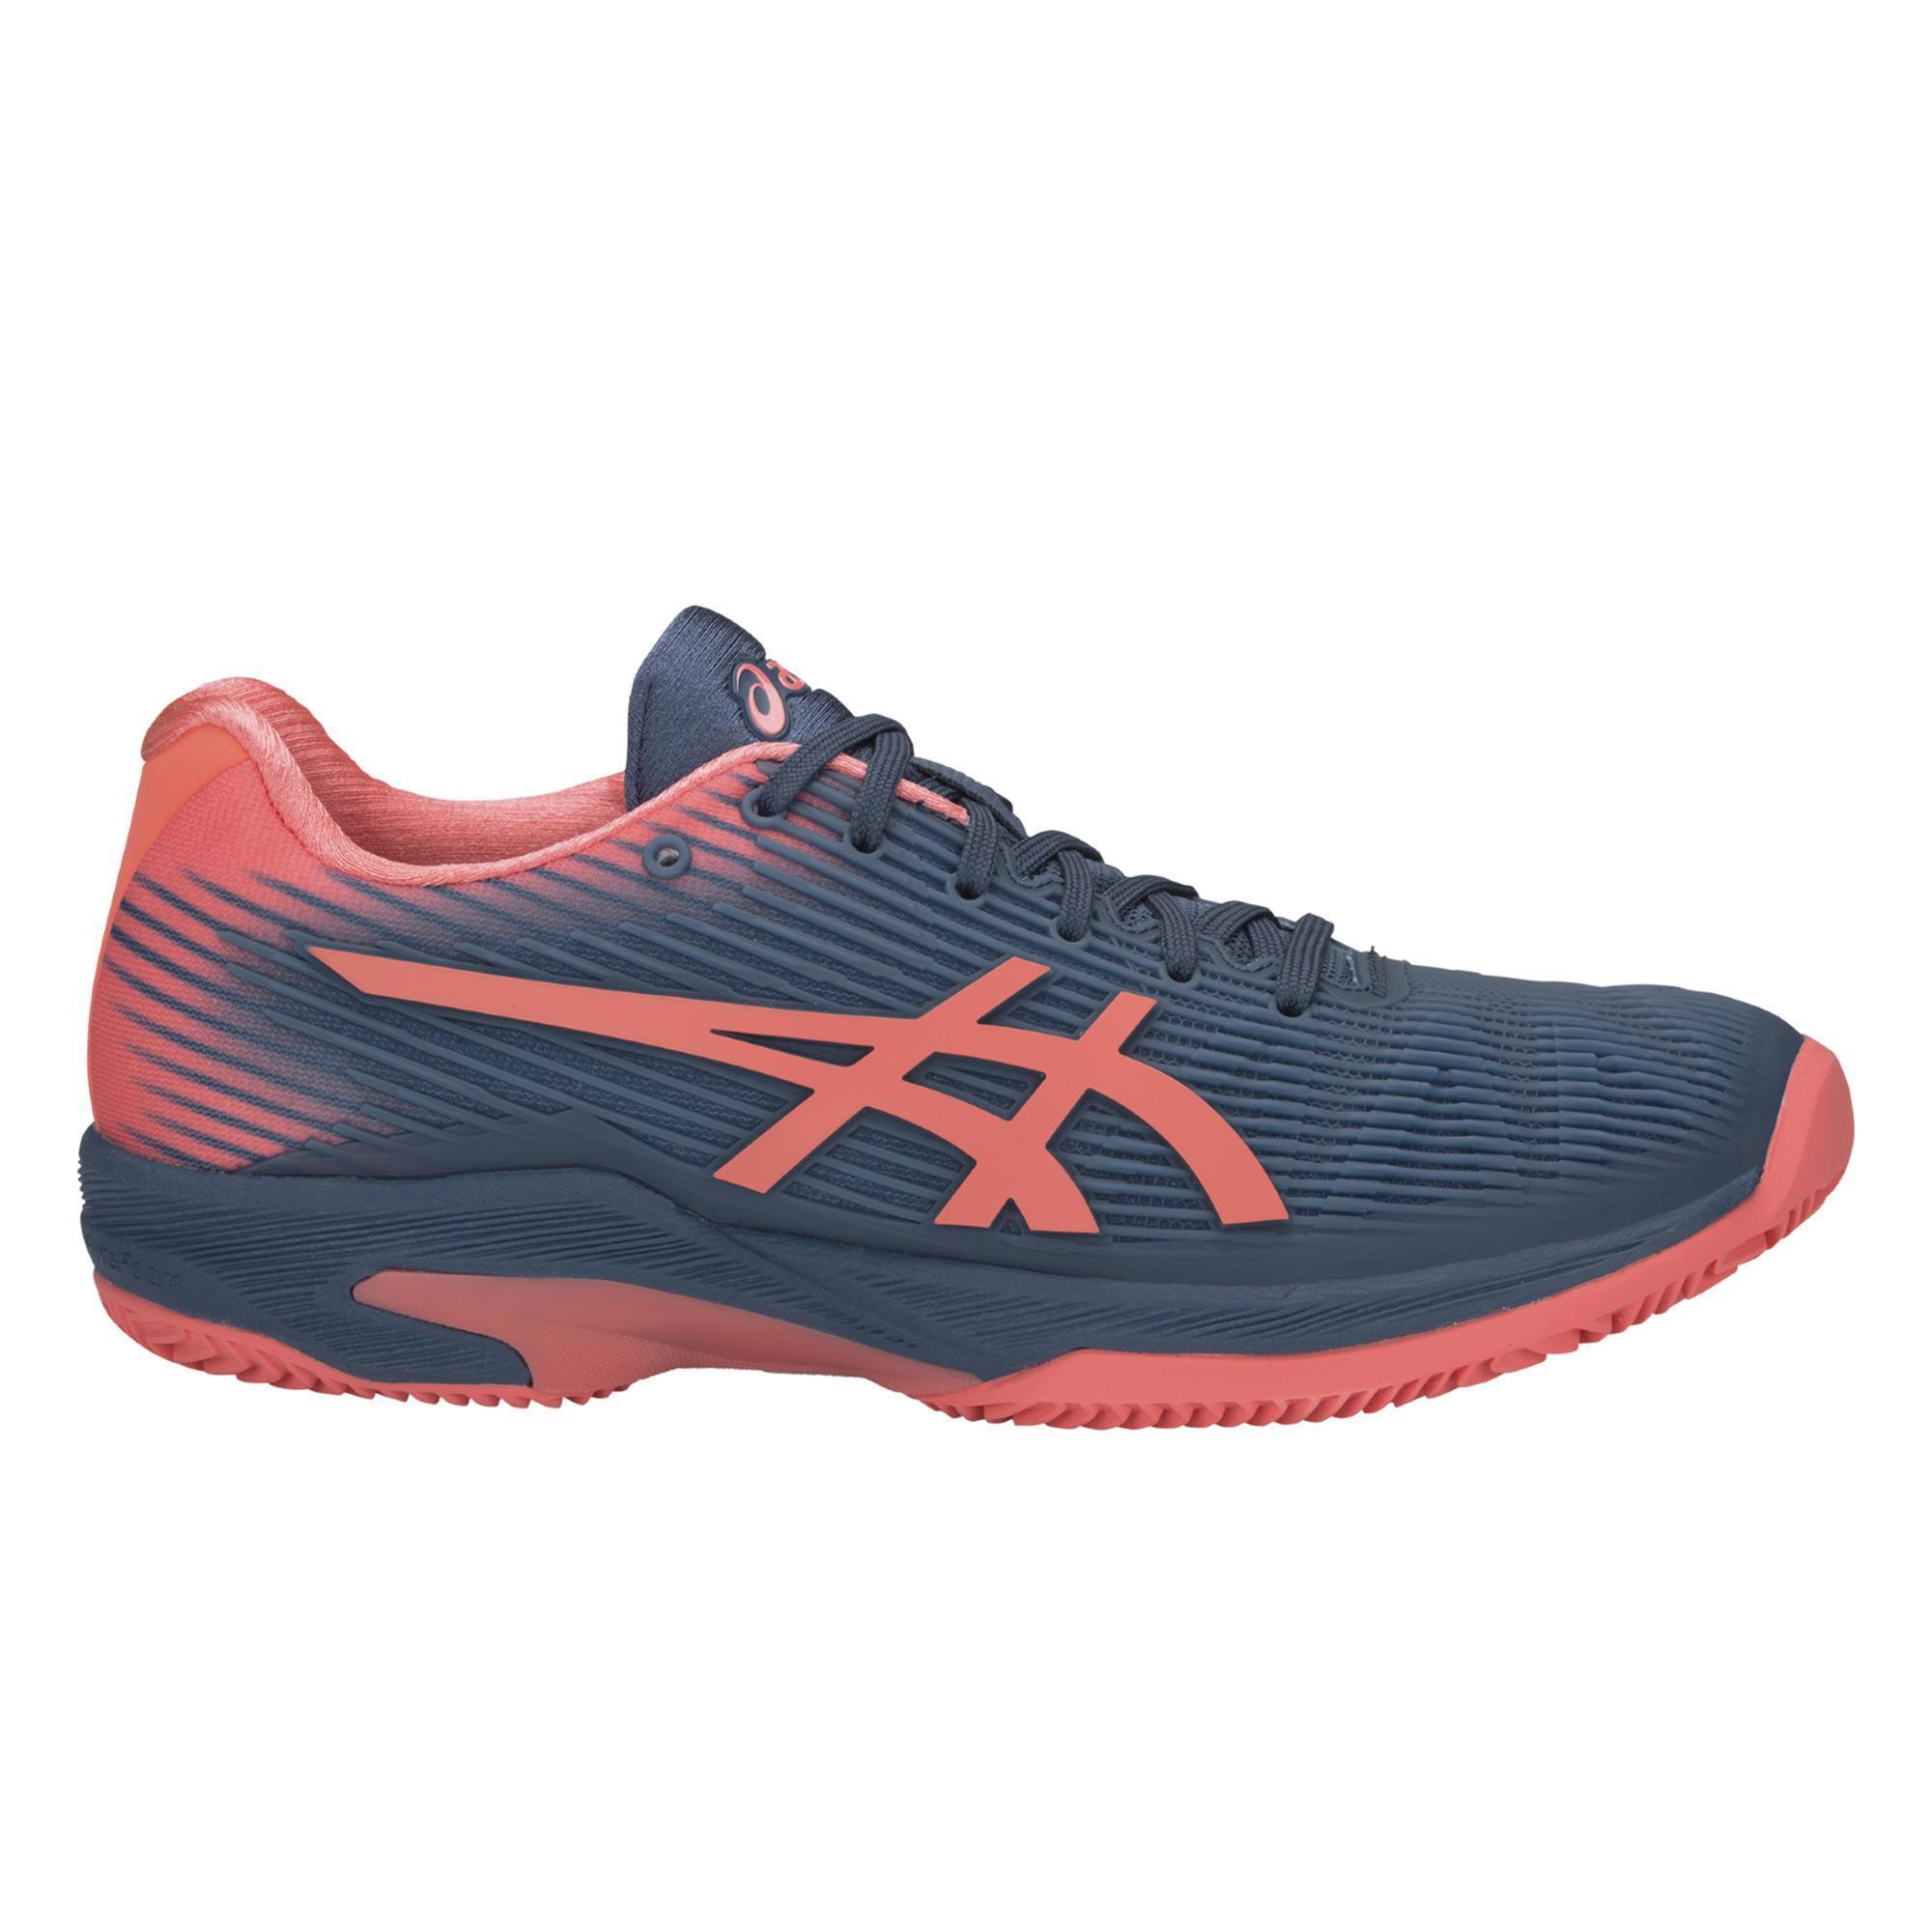 Tennisschuhe Solution Speed Clay Sandplatz Damen blau/rosa | Schuhe > Sportschuhe > Tennisschuhe | ASICS